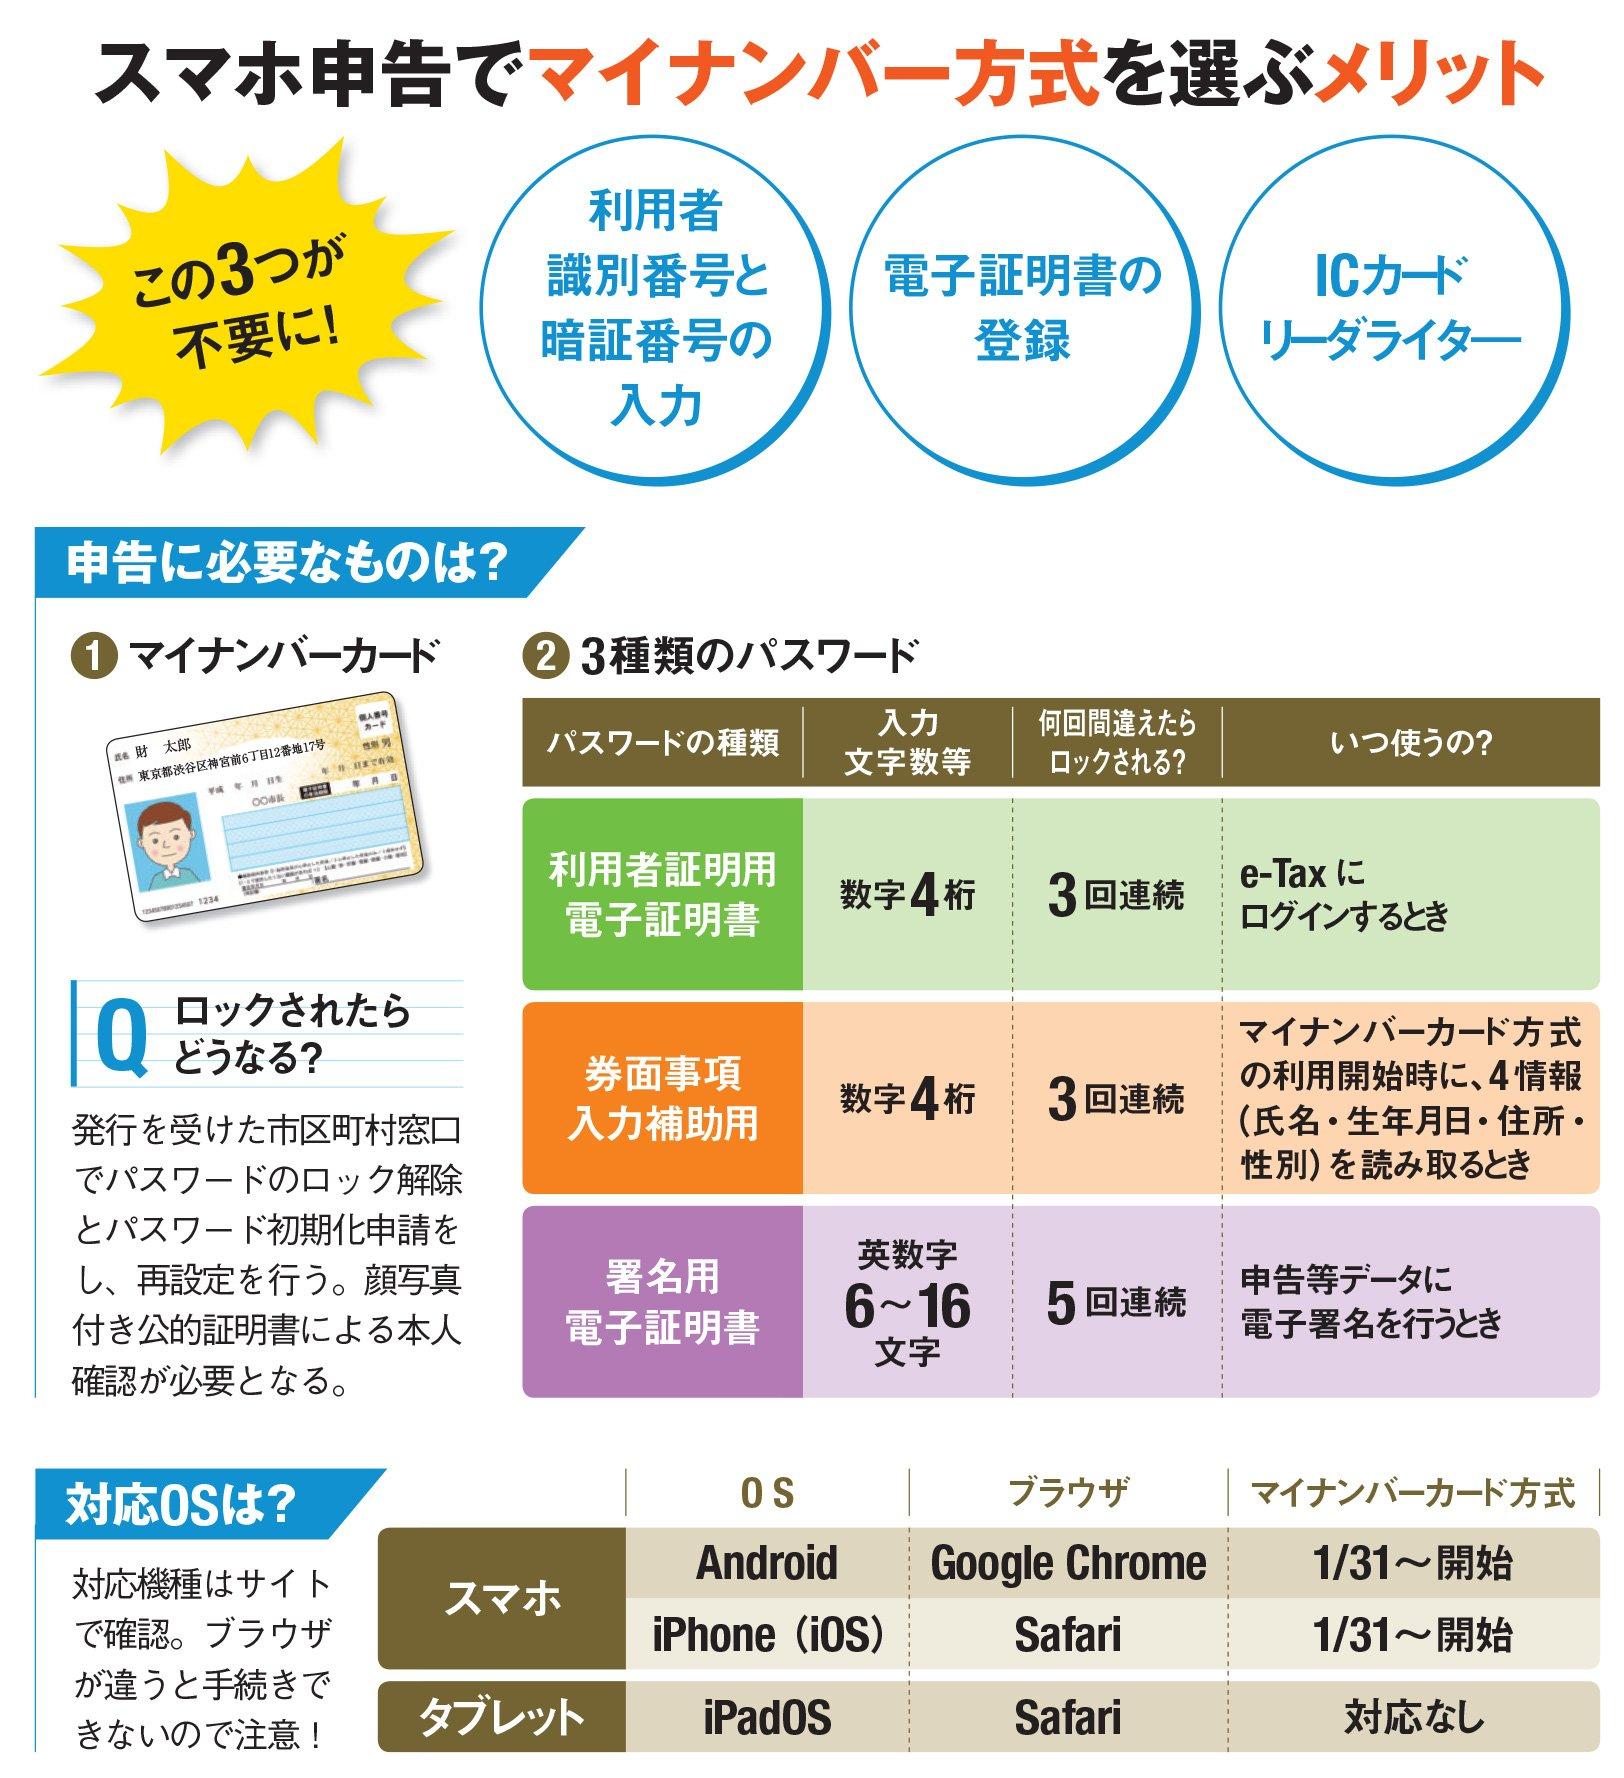 マイ ナンバーカード 申告 確定 スマートフォンでマイナンバーカード方式始まります!|国税庁